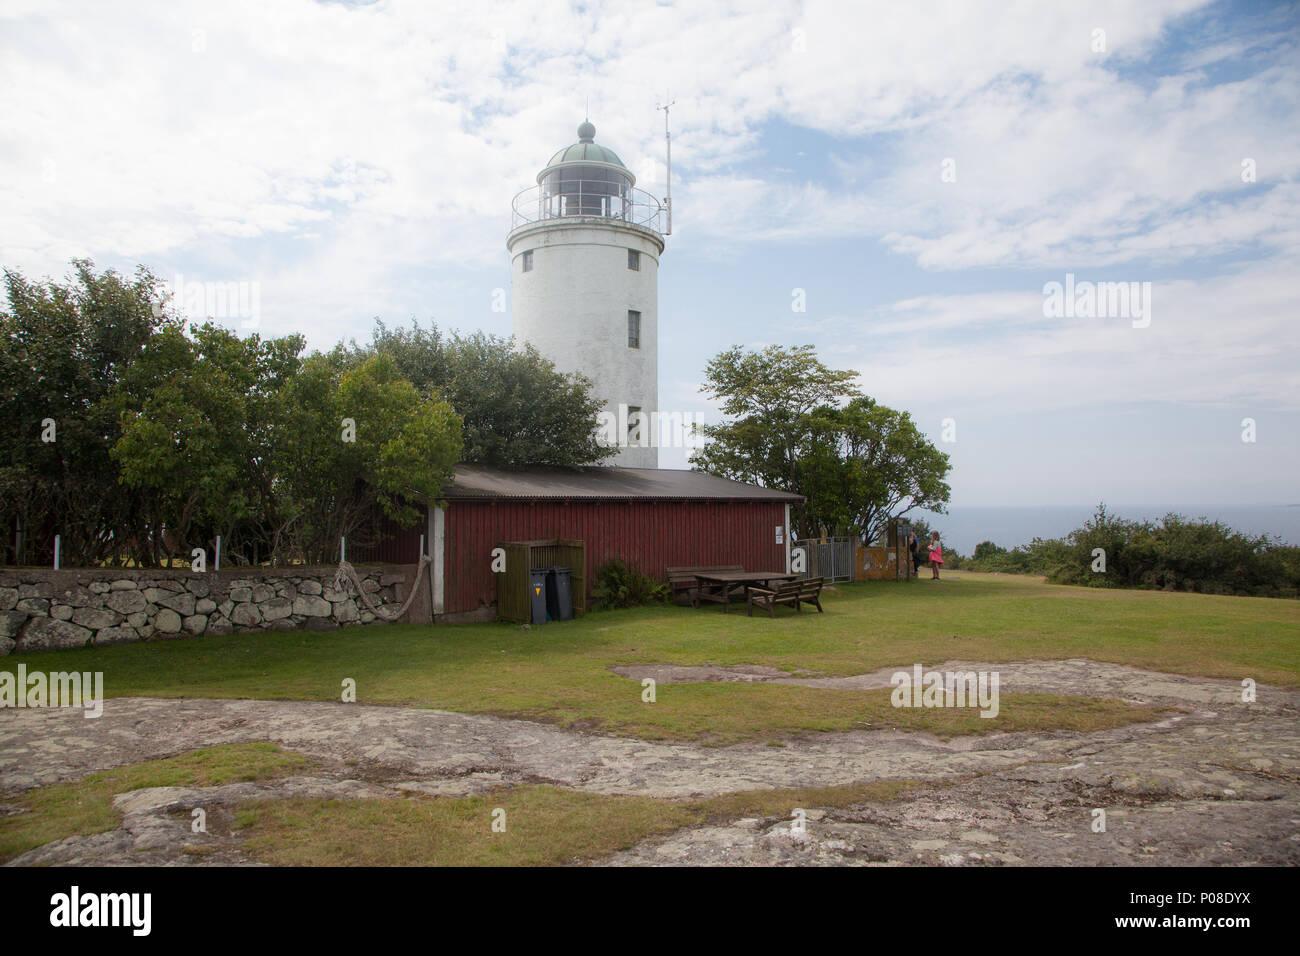 Leuchtturm auf der Insel Hanö Südschweden - Stock Image